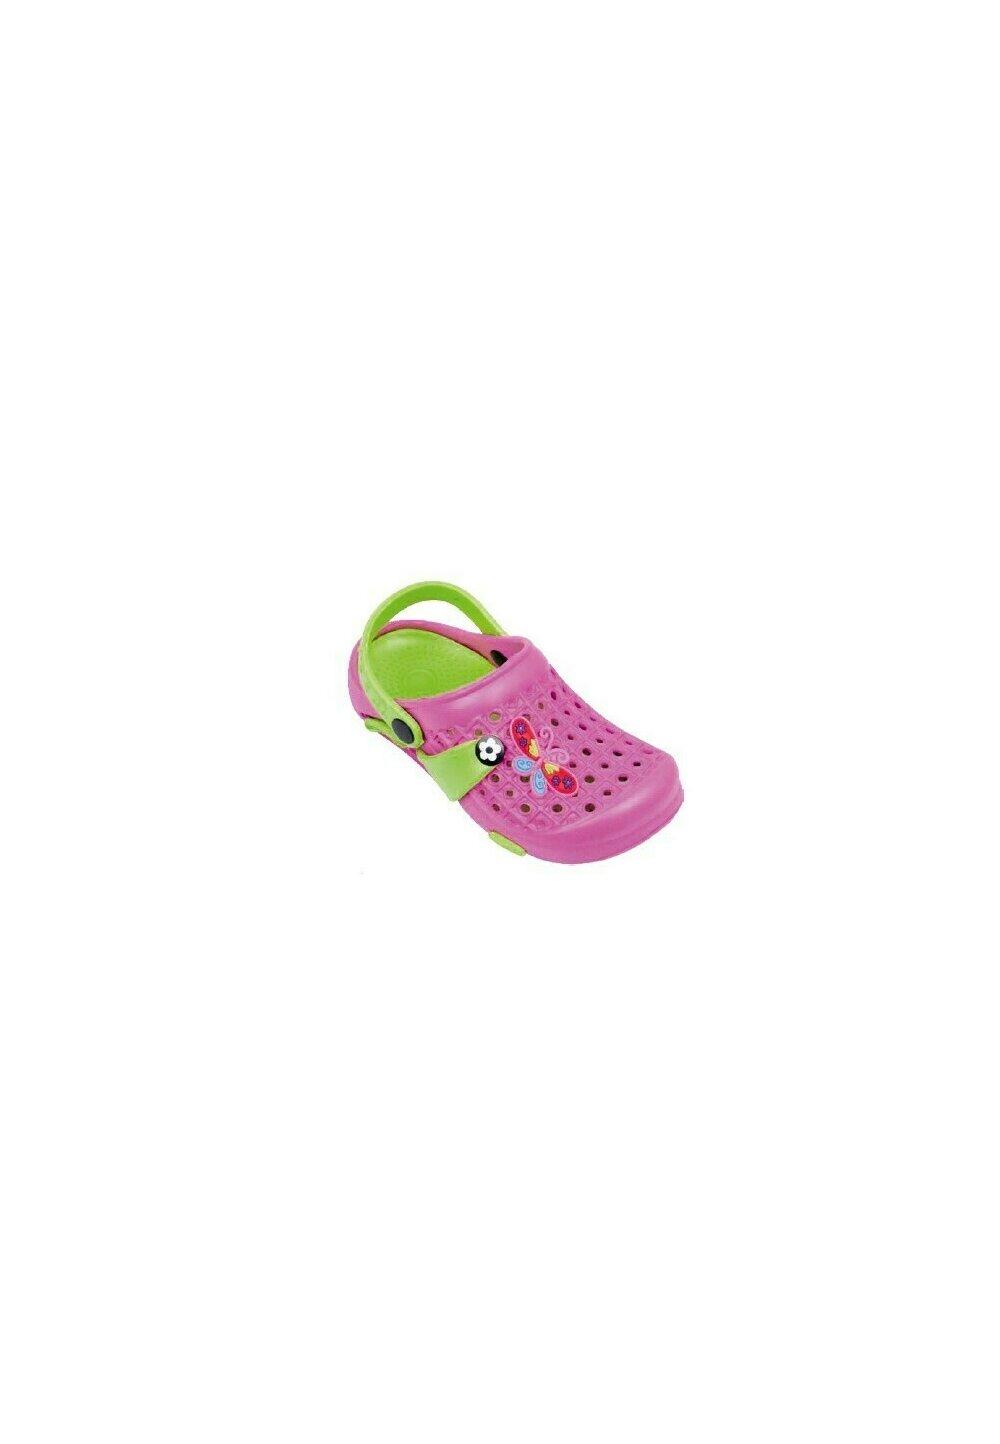 Saboti pentru plaja, Butterfly, roz cu verde imagine